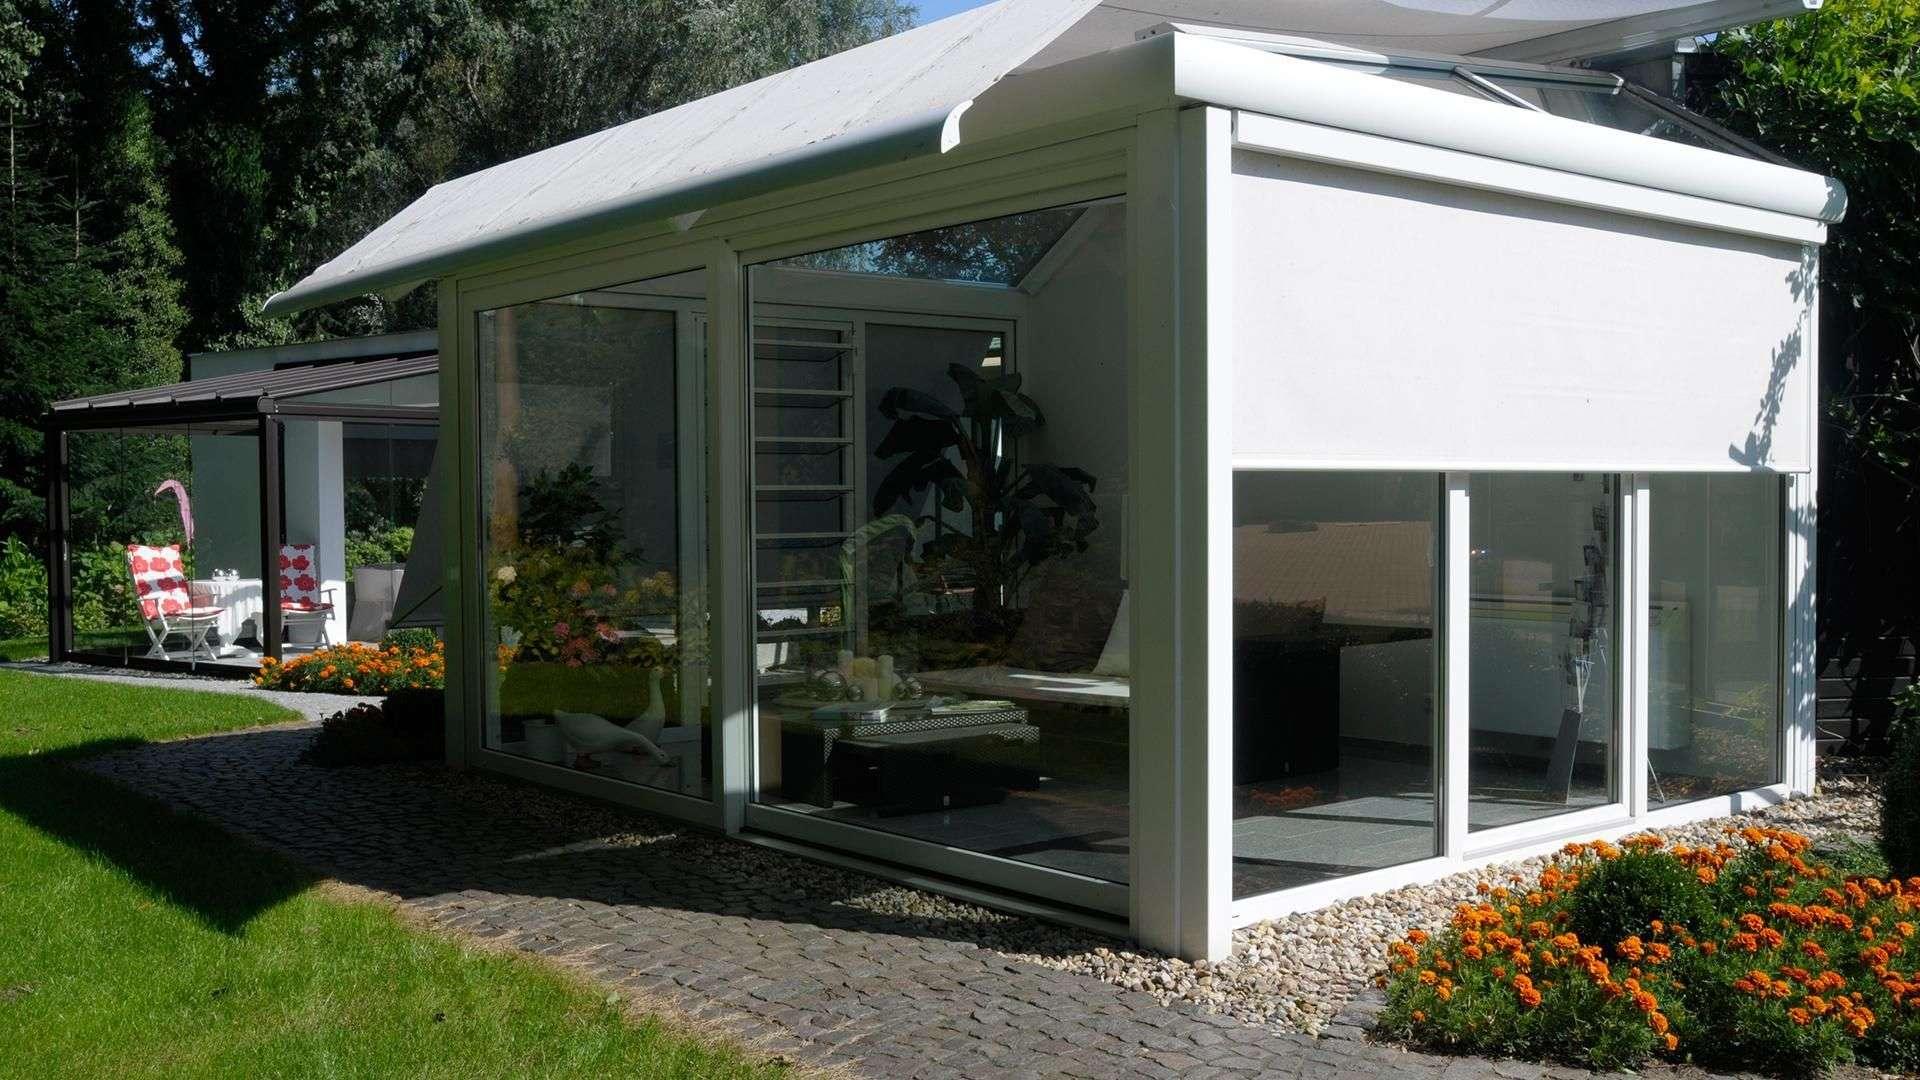 Wintergarten in der Ausstellung von Dürbusch. Vollständig verglast mit weißem Rahmen und Sonnenschutz.